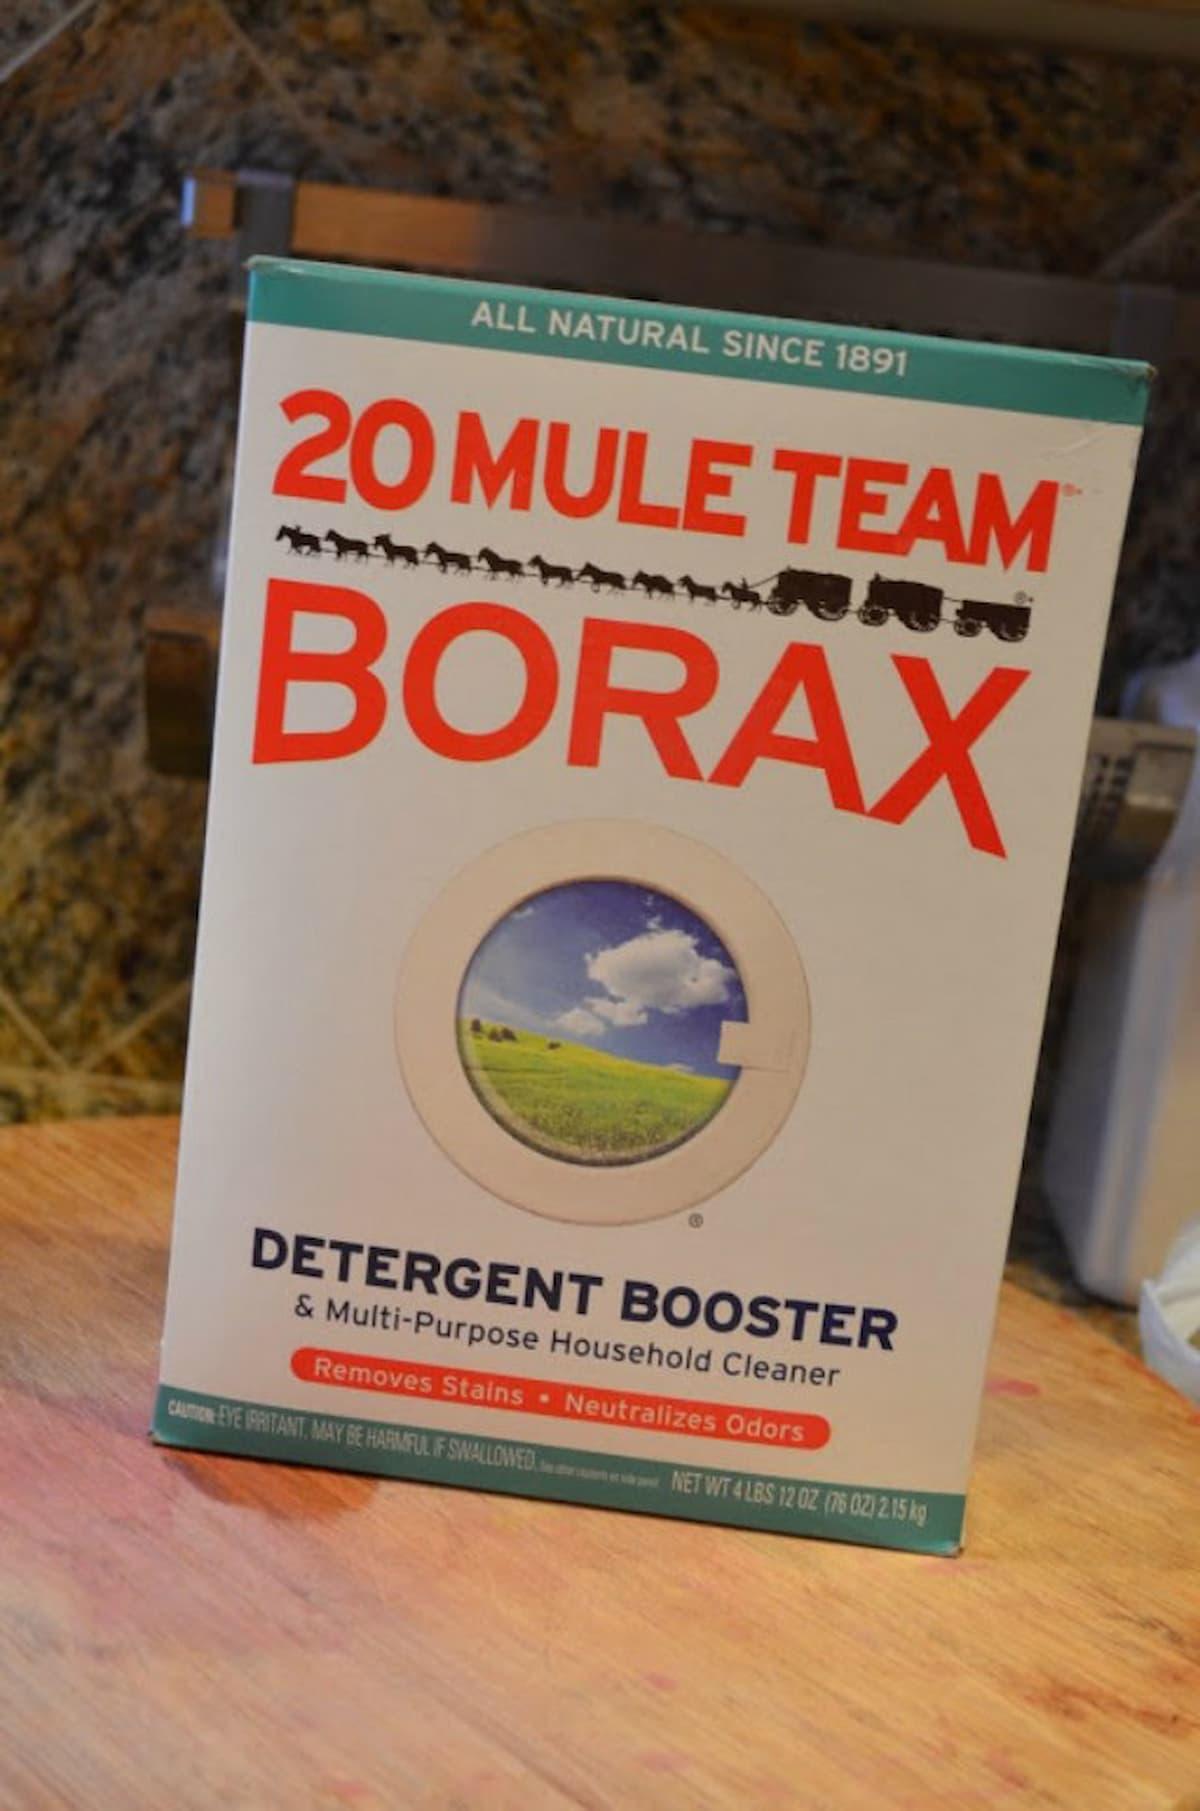 A box of Borax 20 Mule Team.